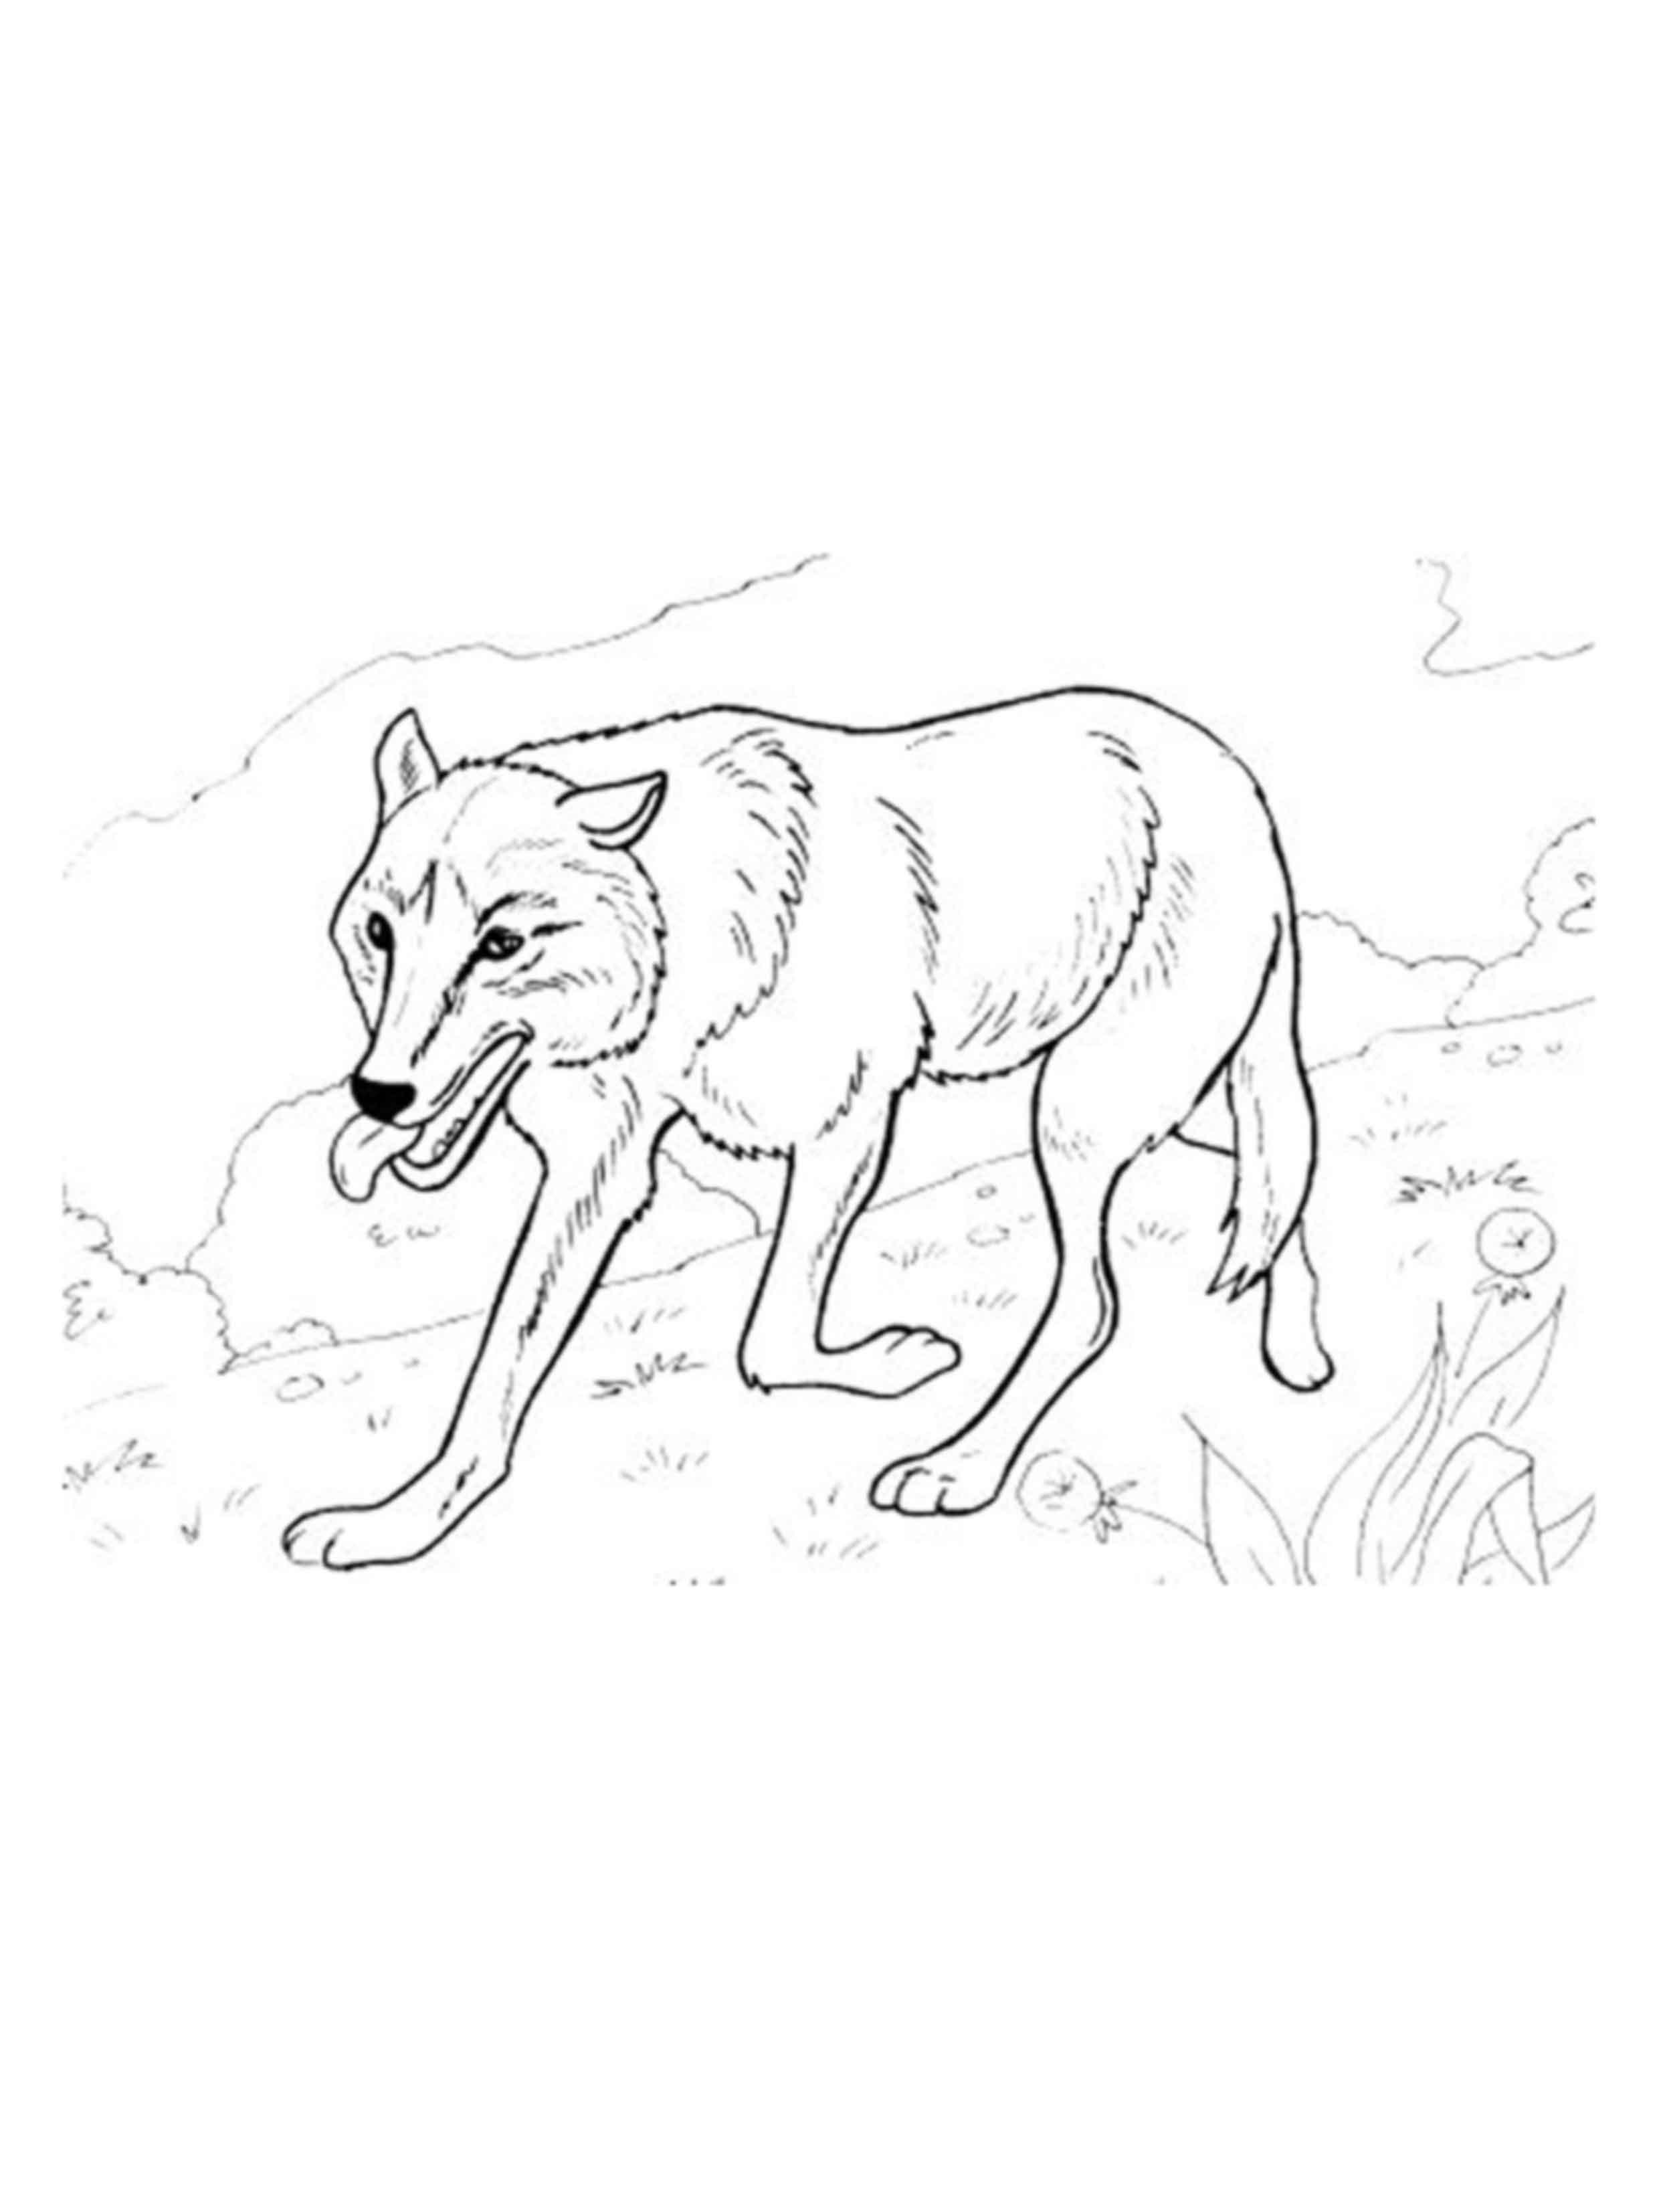 דף צביעה לילדים של זאב